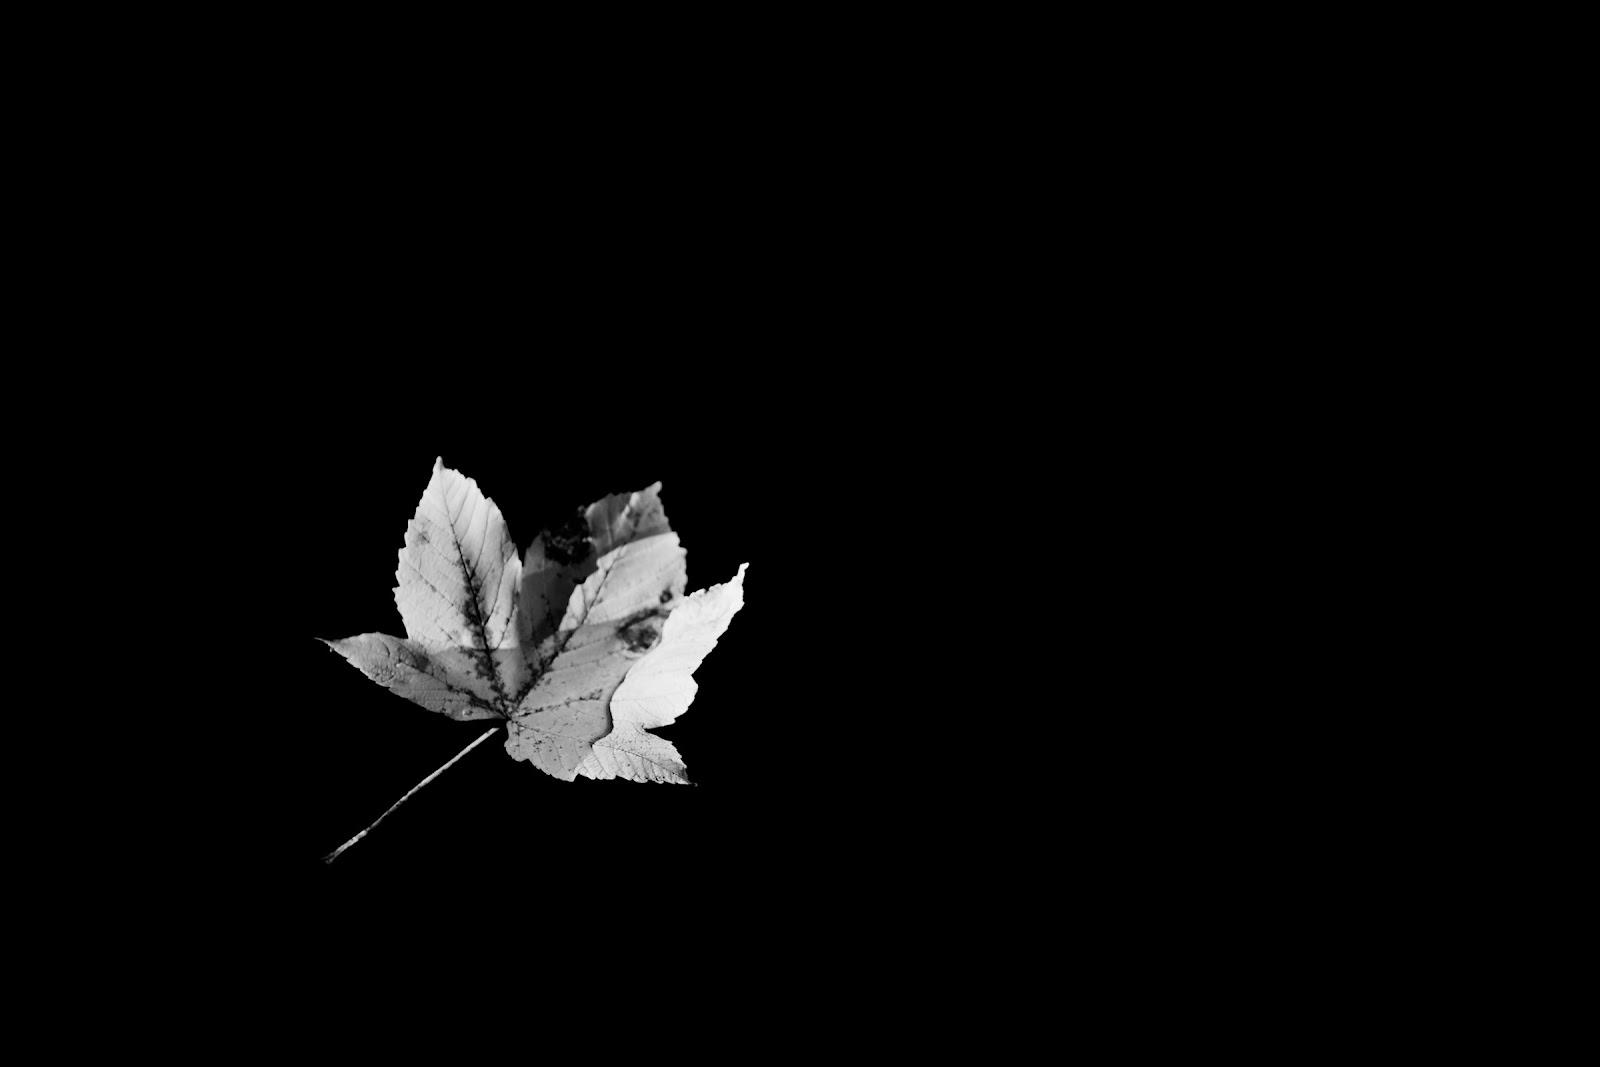 Image automne noir et blanc